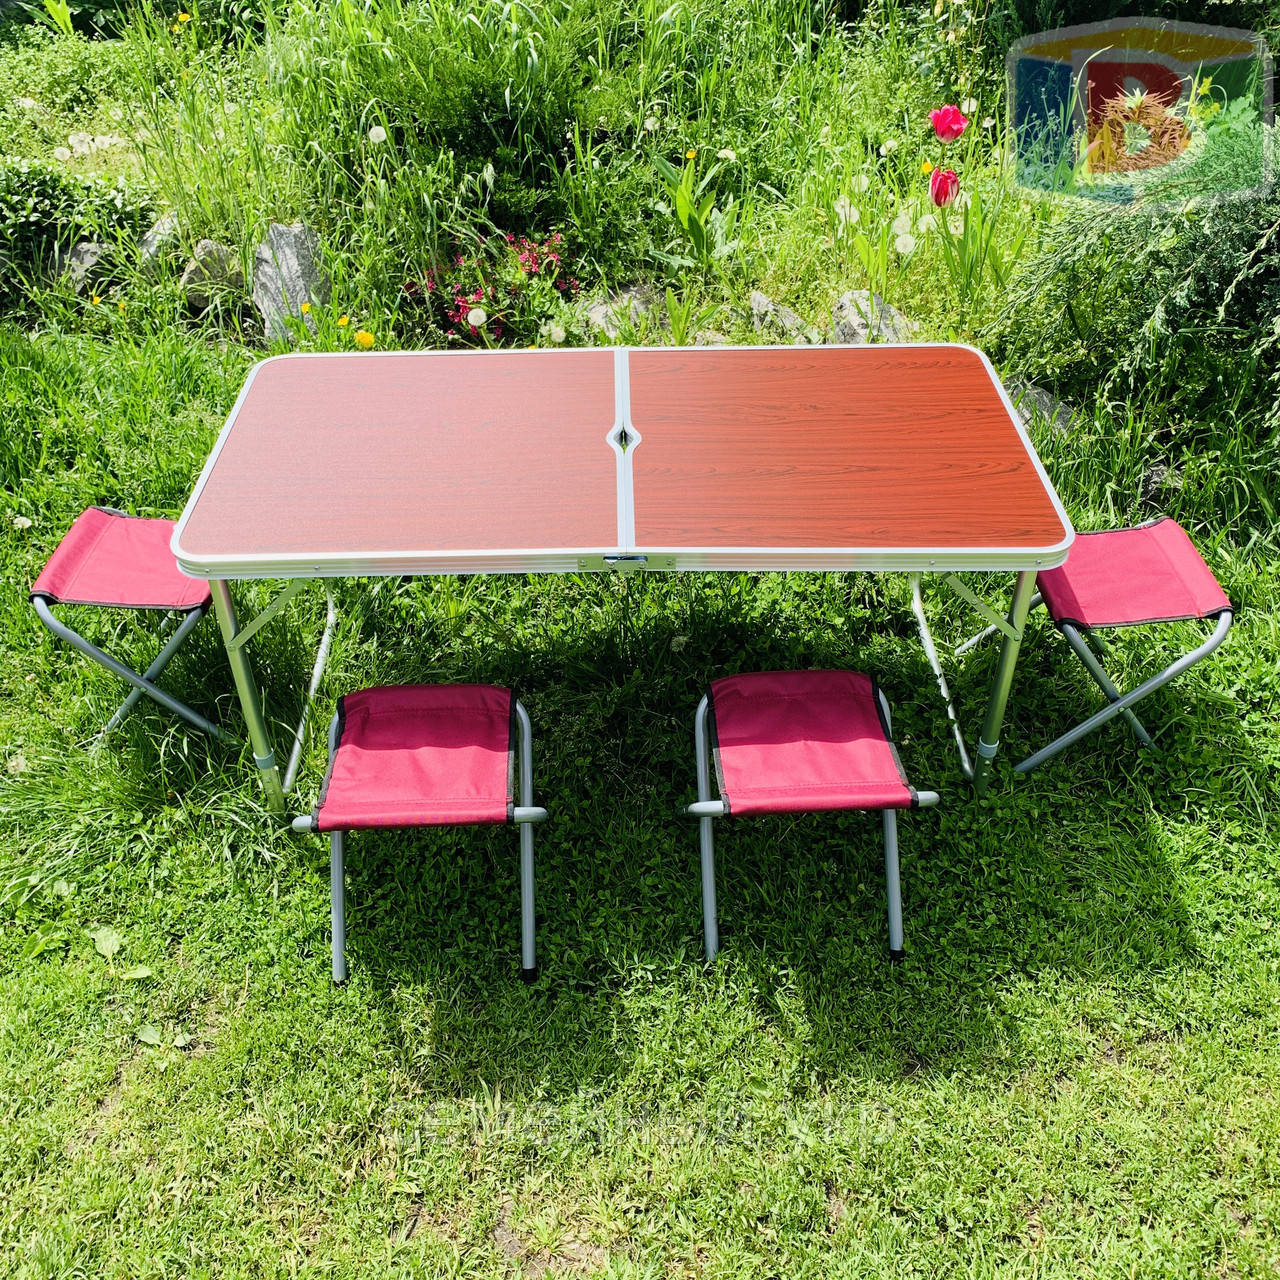 Туристический стол складной + стулья 120х60х70 см. Вес: 7.1 кг. Удобен для переноски. DT-4251